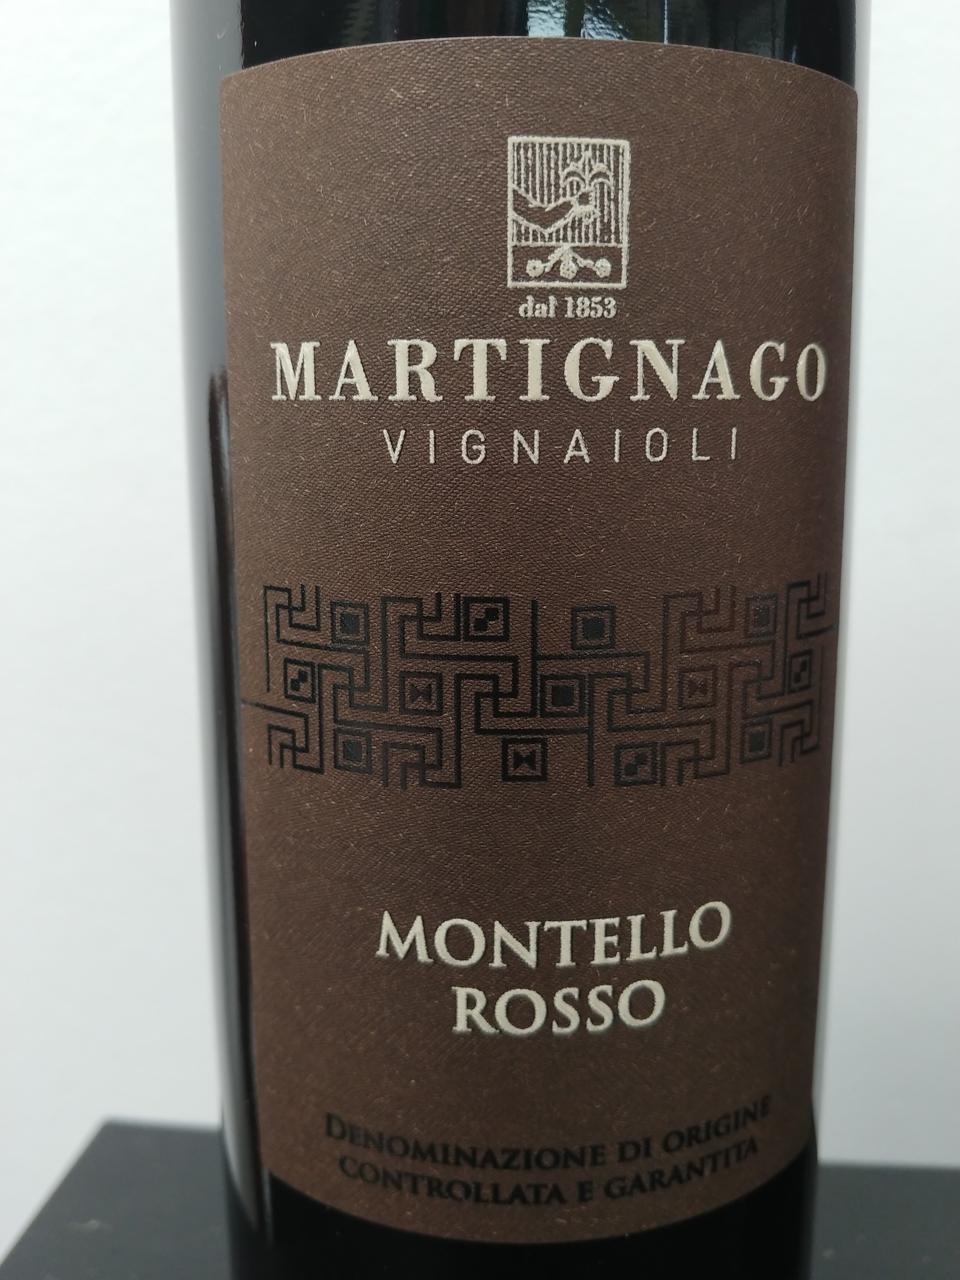 2016 Martignago, Rosso Montello DOCG